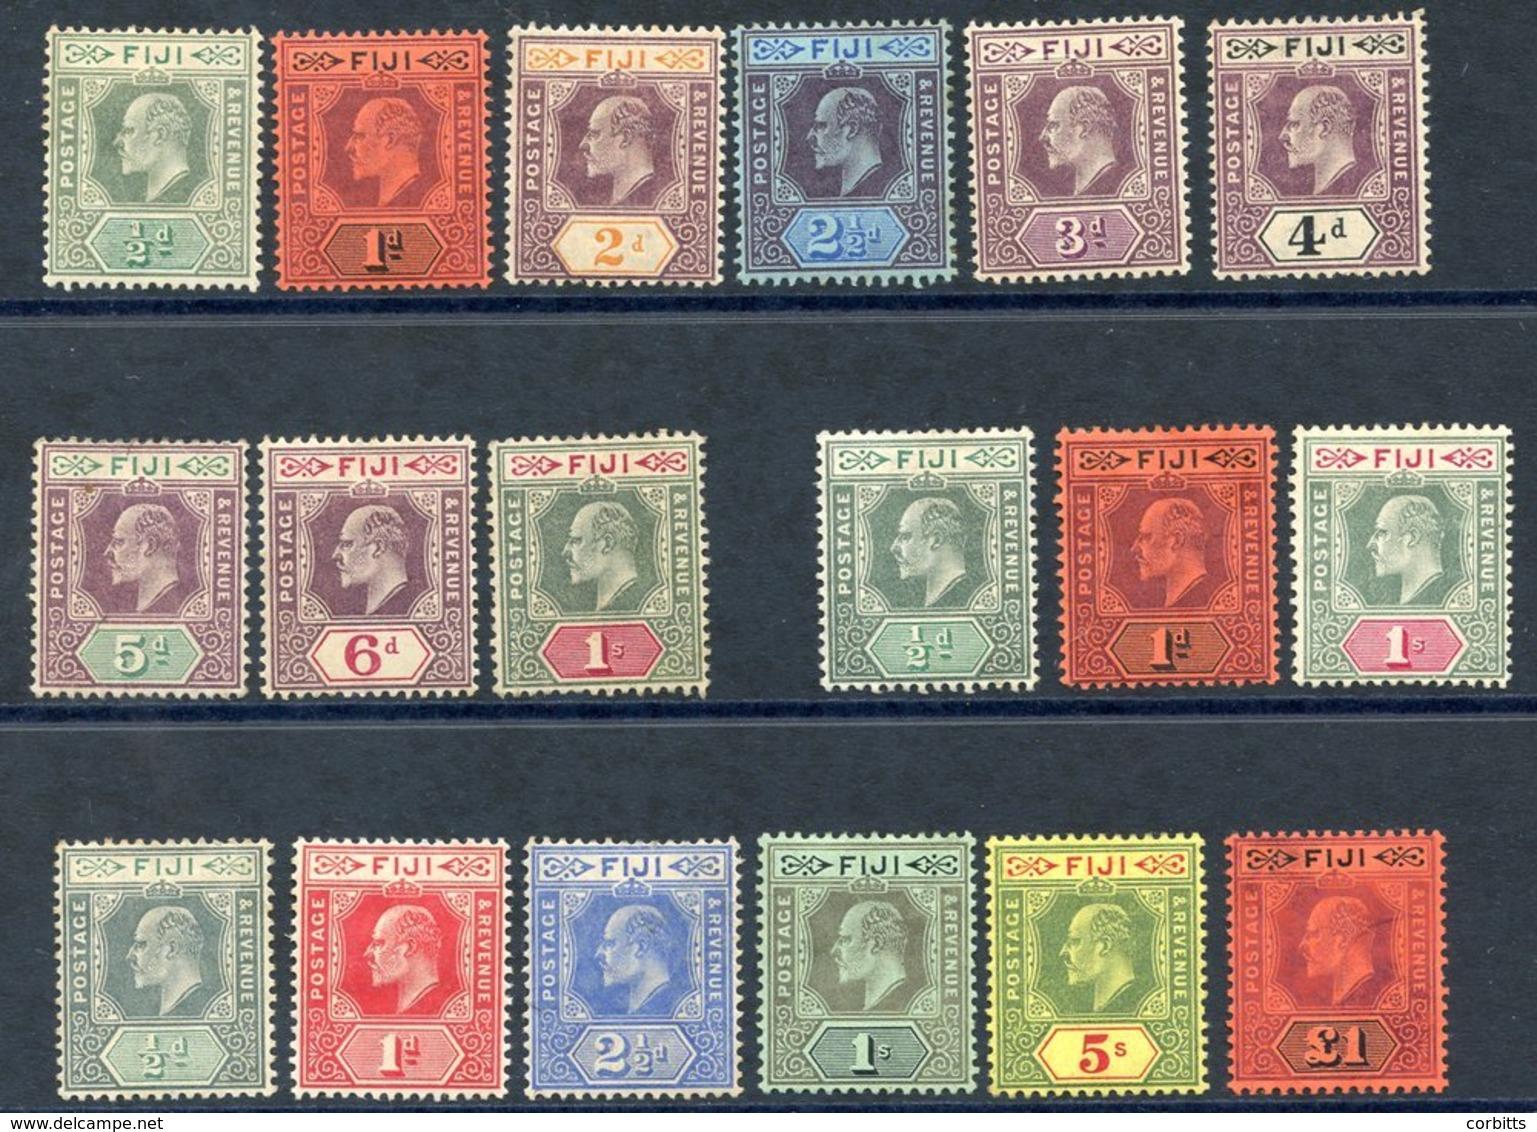 1903 CCA Set To 1s, M (some Toning), SG.104/112, 1904-09 MCCA Set M, SG.115/7, 1906-12 Colours Changes MCCA Set, M Exclu - Non Classés